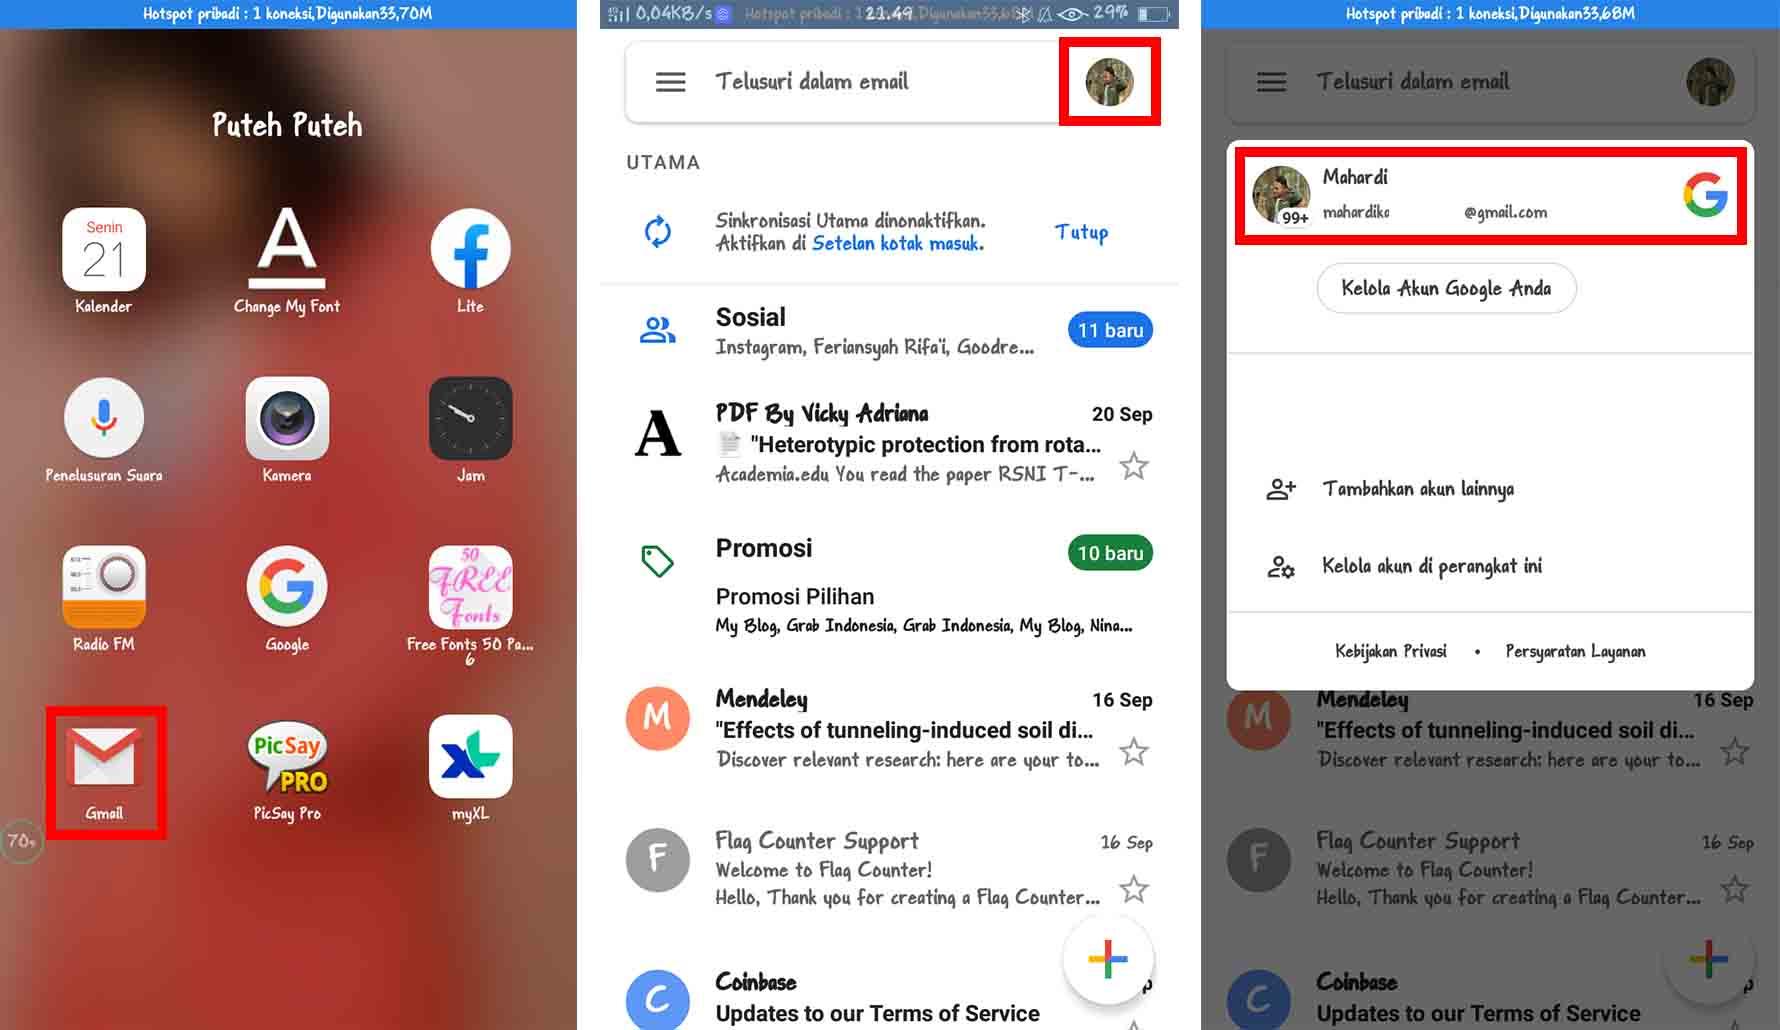 Cara Melihat Email Sendiri Menggunakan Gmail